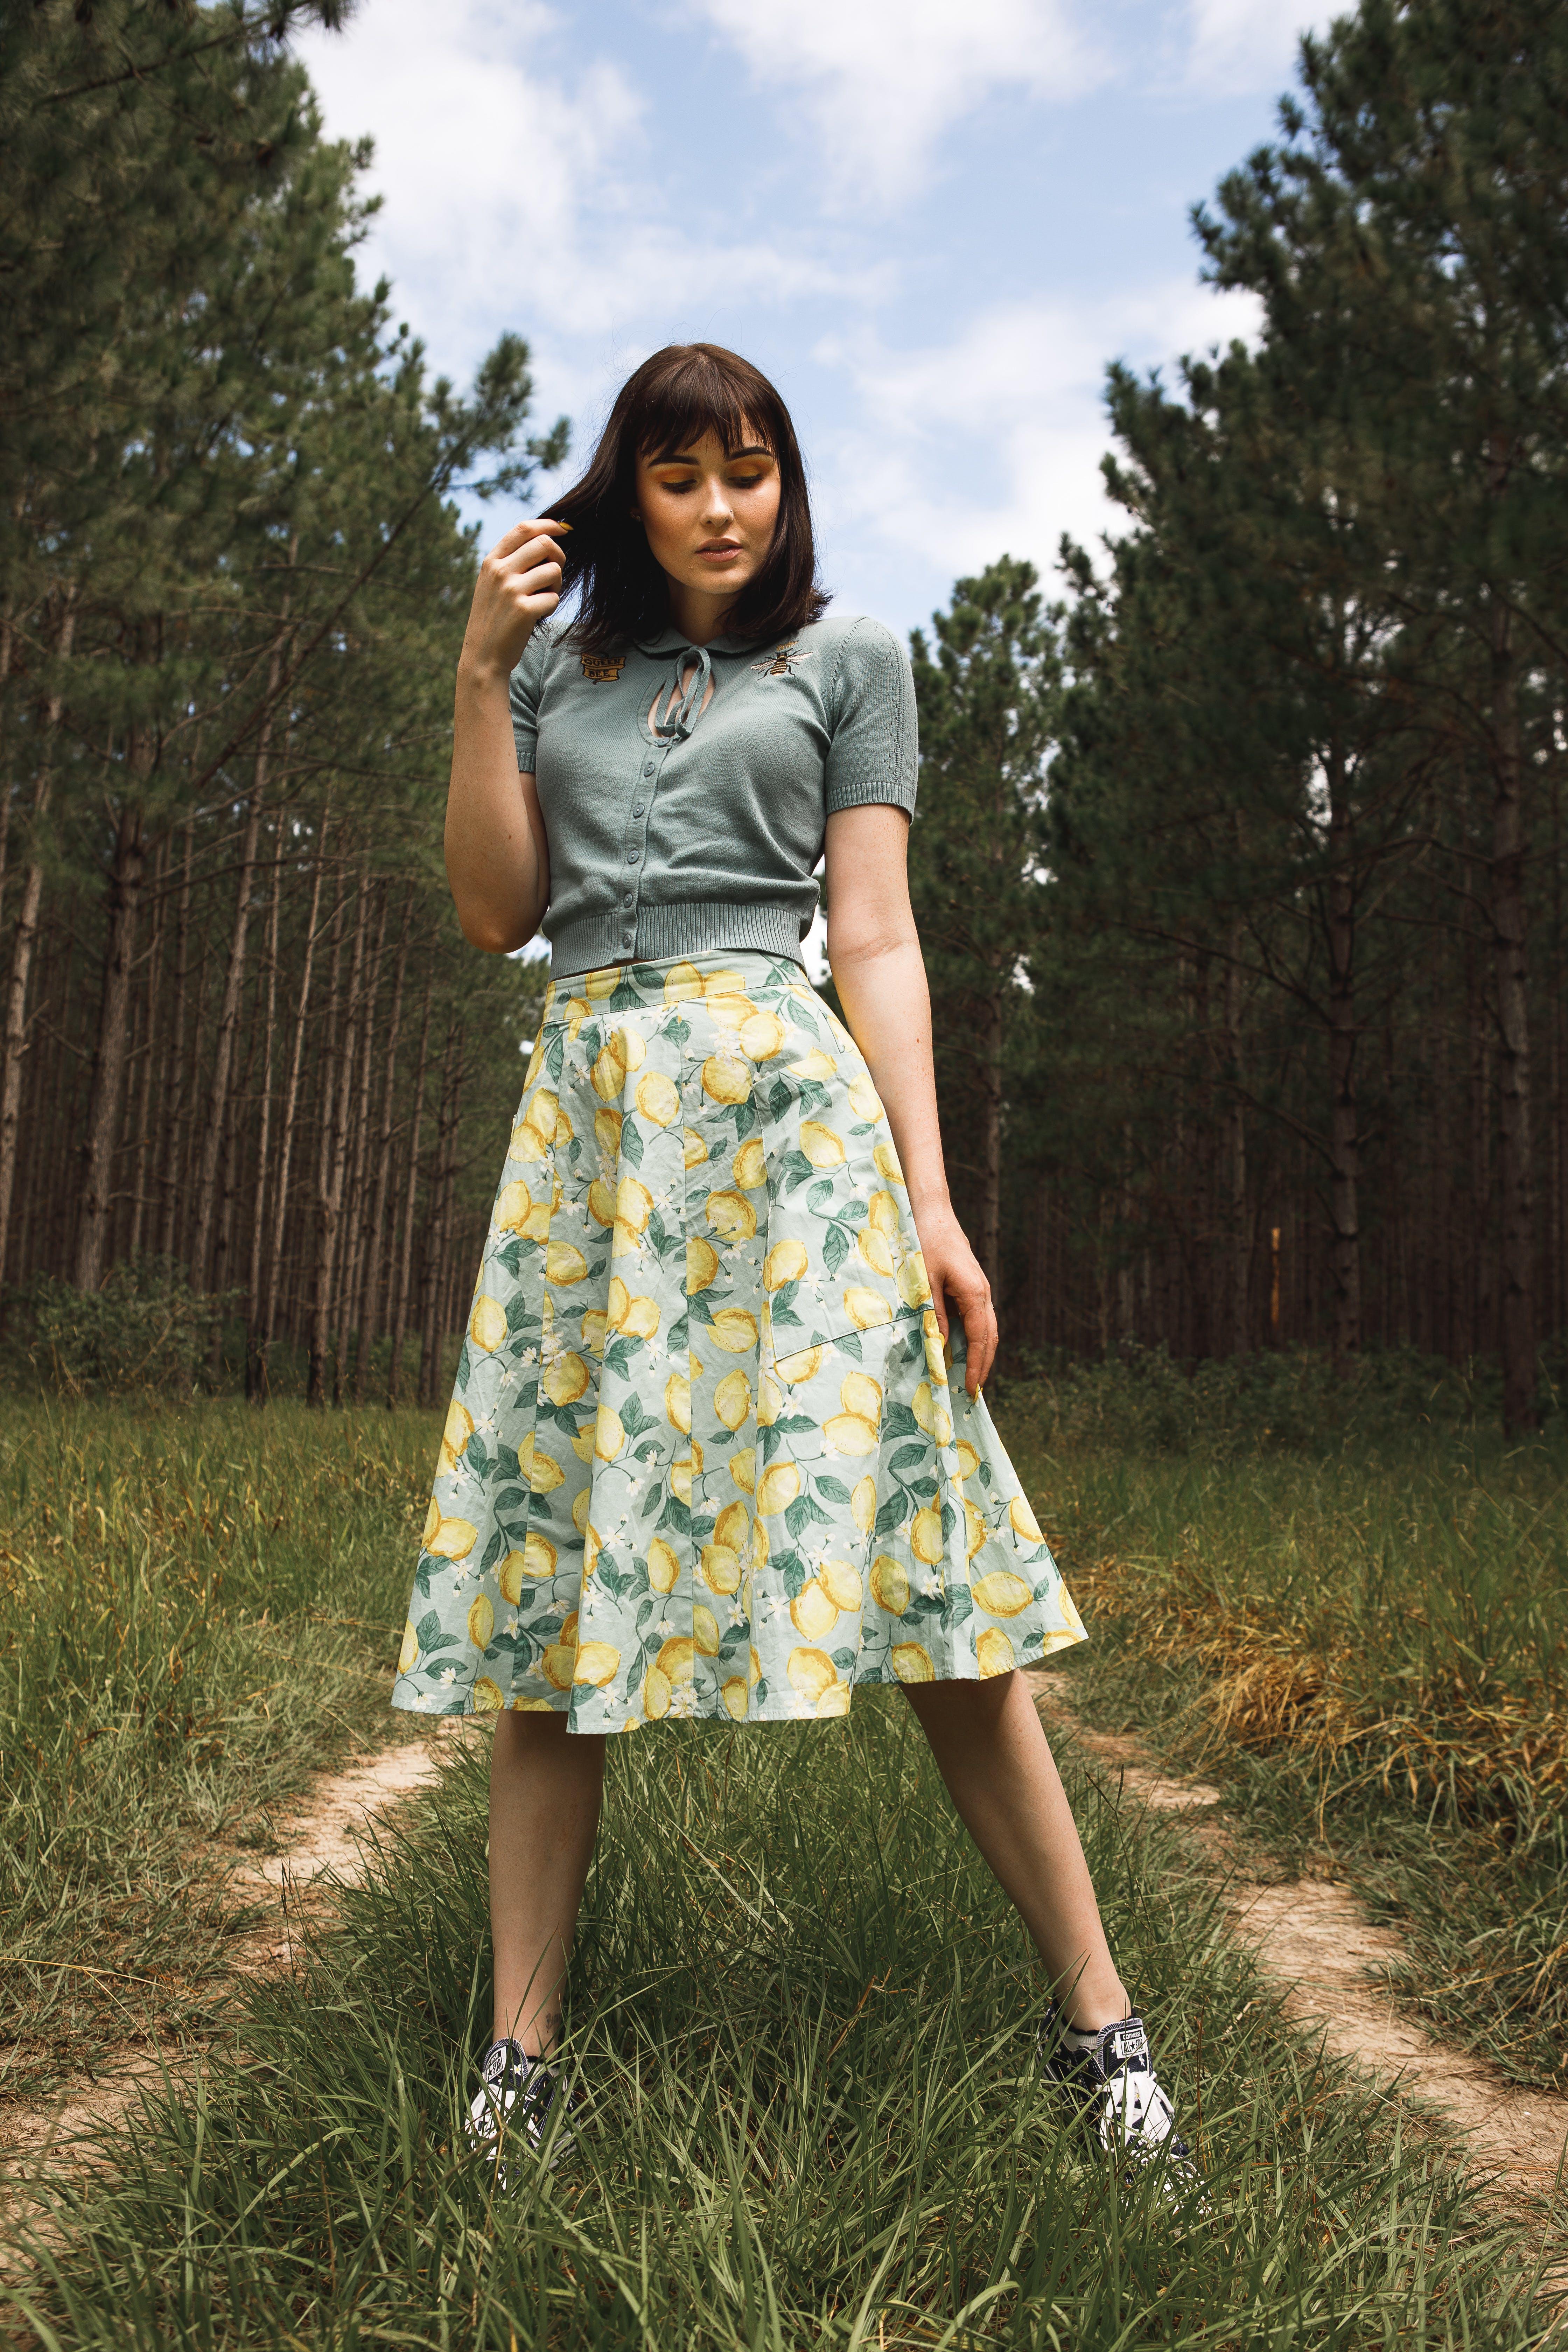 女人, 時尚, 樣式, 漂亮 的 免费素材照片